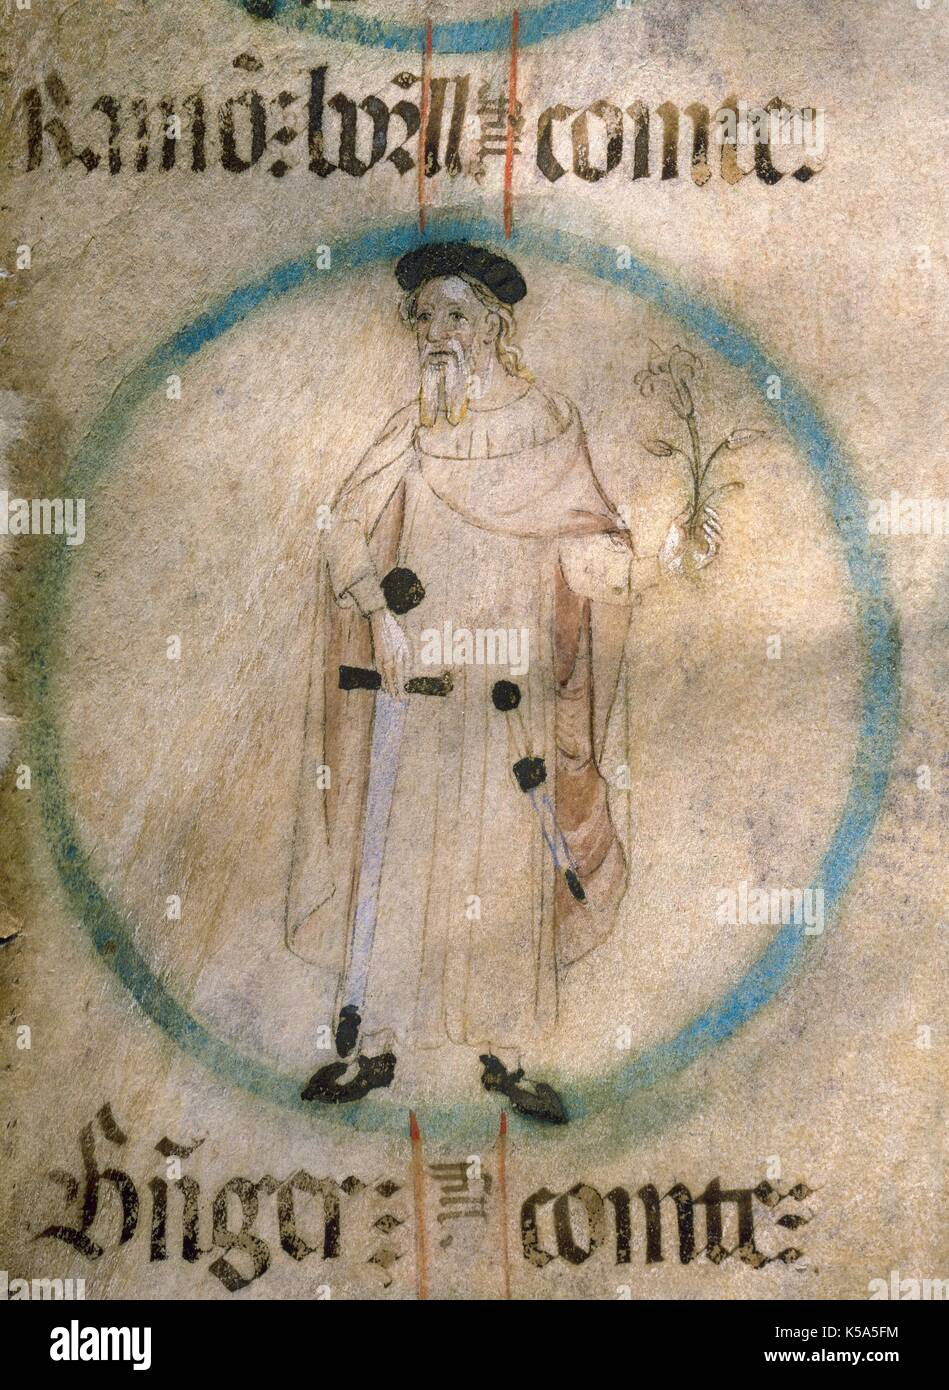 Ramon Borrell II (972-1017). Conte di Barcellona (992-1017), Girona e  Osona. Pergamena miniatura del XV secolo da Genealogia de los Reyes de  Aragon y Condes de Barcelona. Archivio della Abbazia di Poblet (